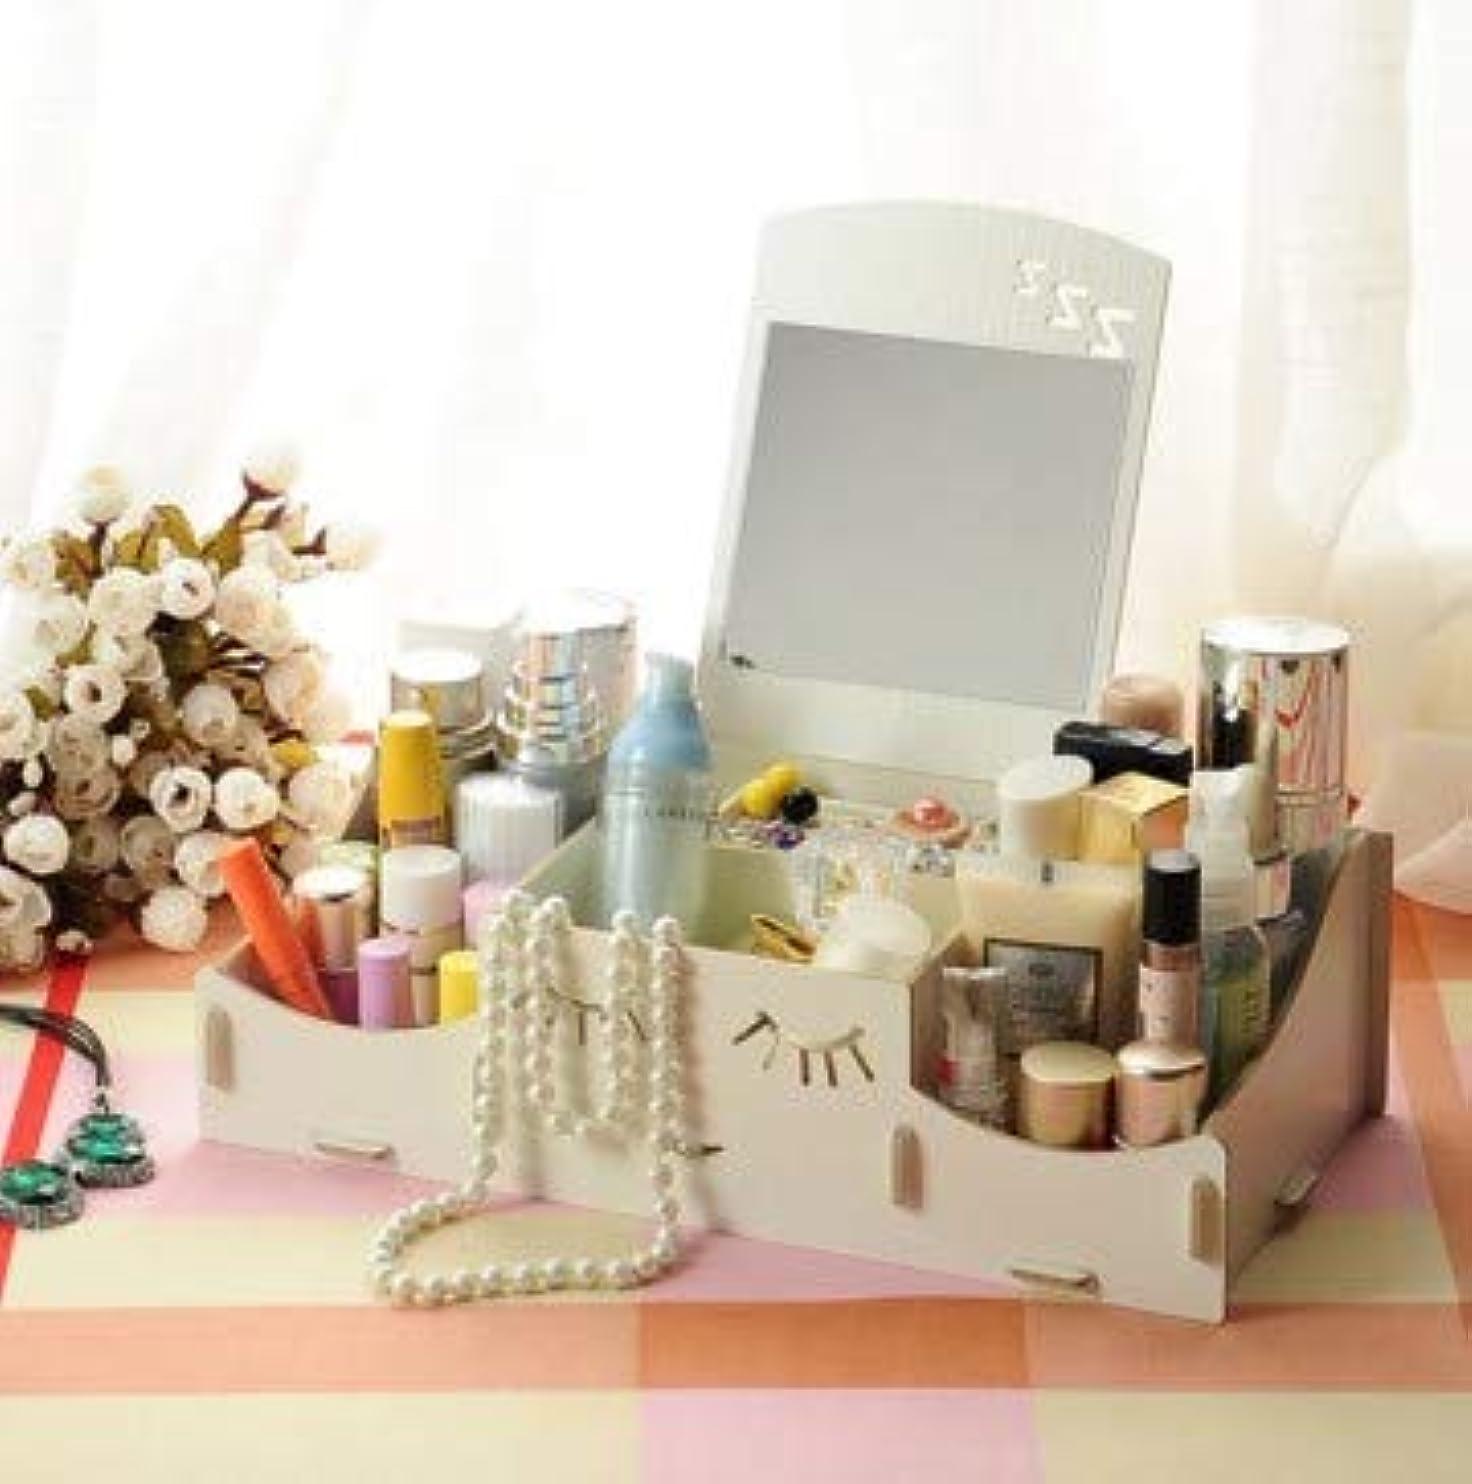 きょうだいテザー管理しますスマイリー木製クリエイティブ収納ボックス手作りデスクトップミラー化粧品収納ボックス化粧品収納ボックス (Color : ホワイト)